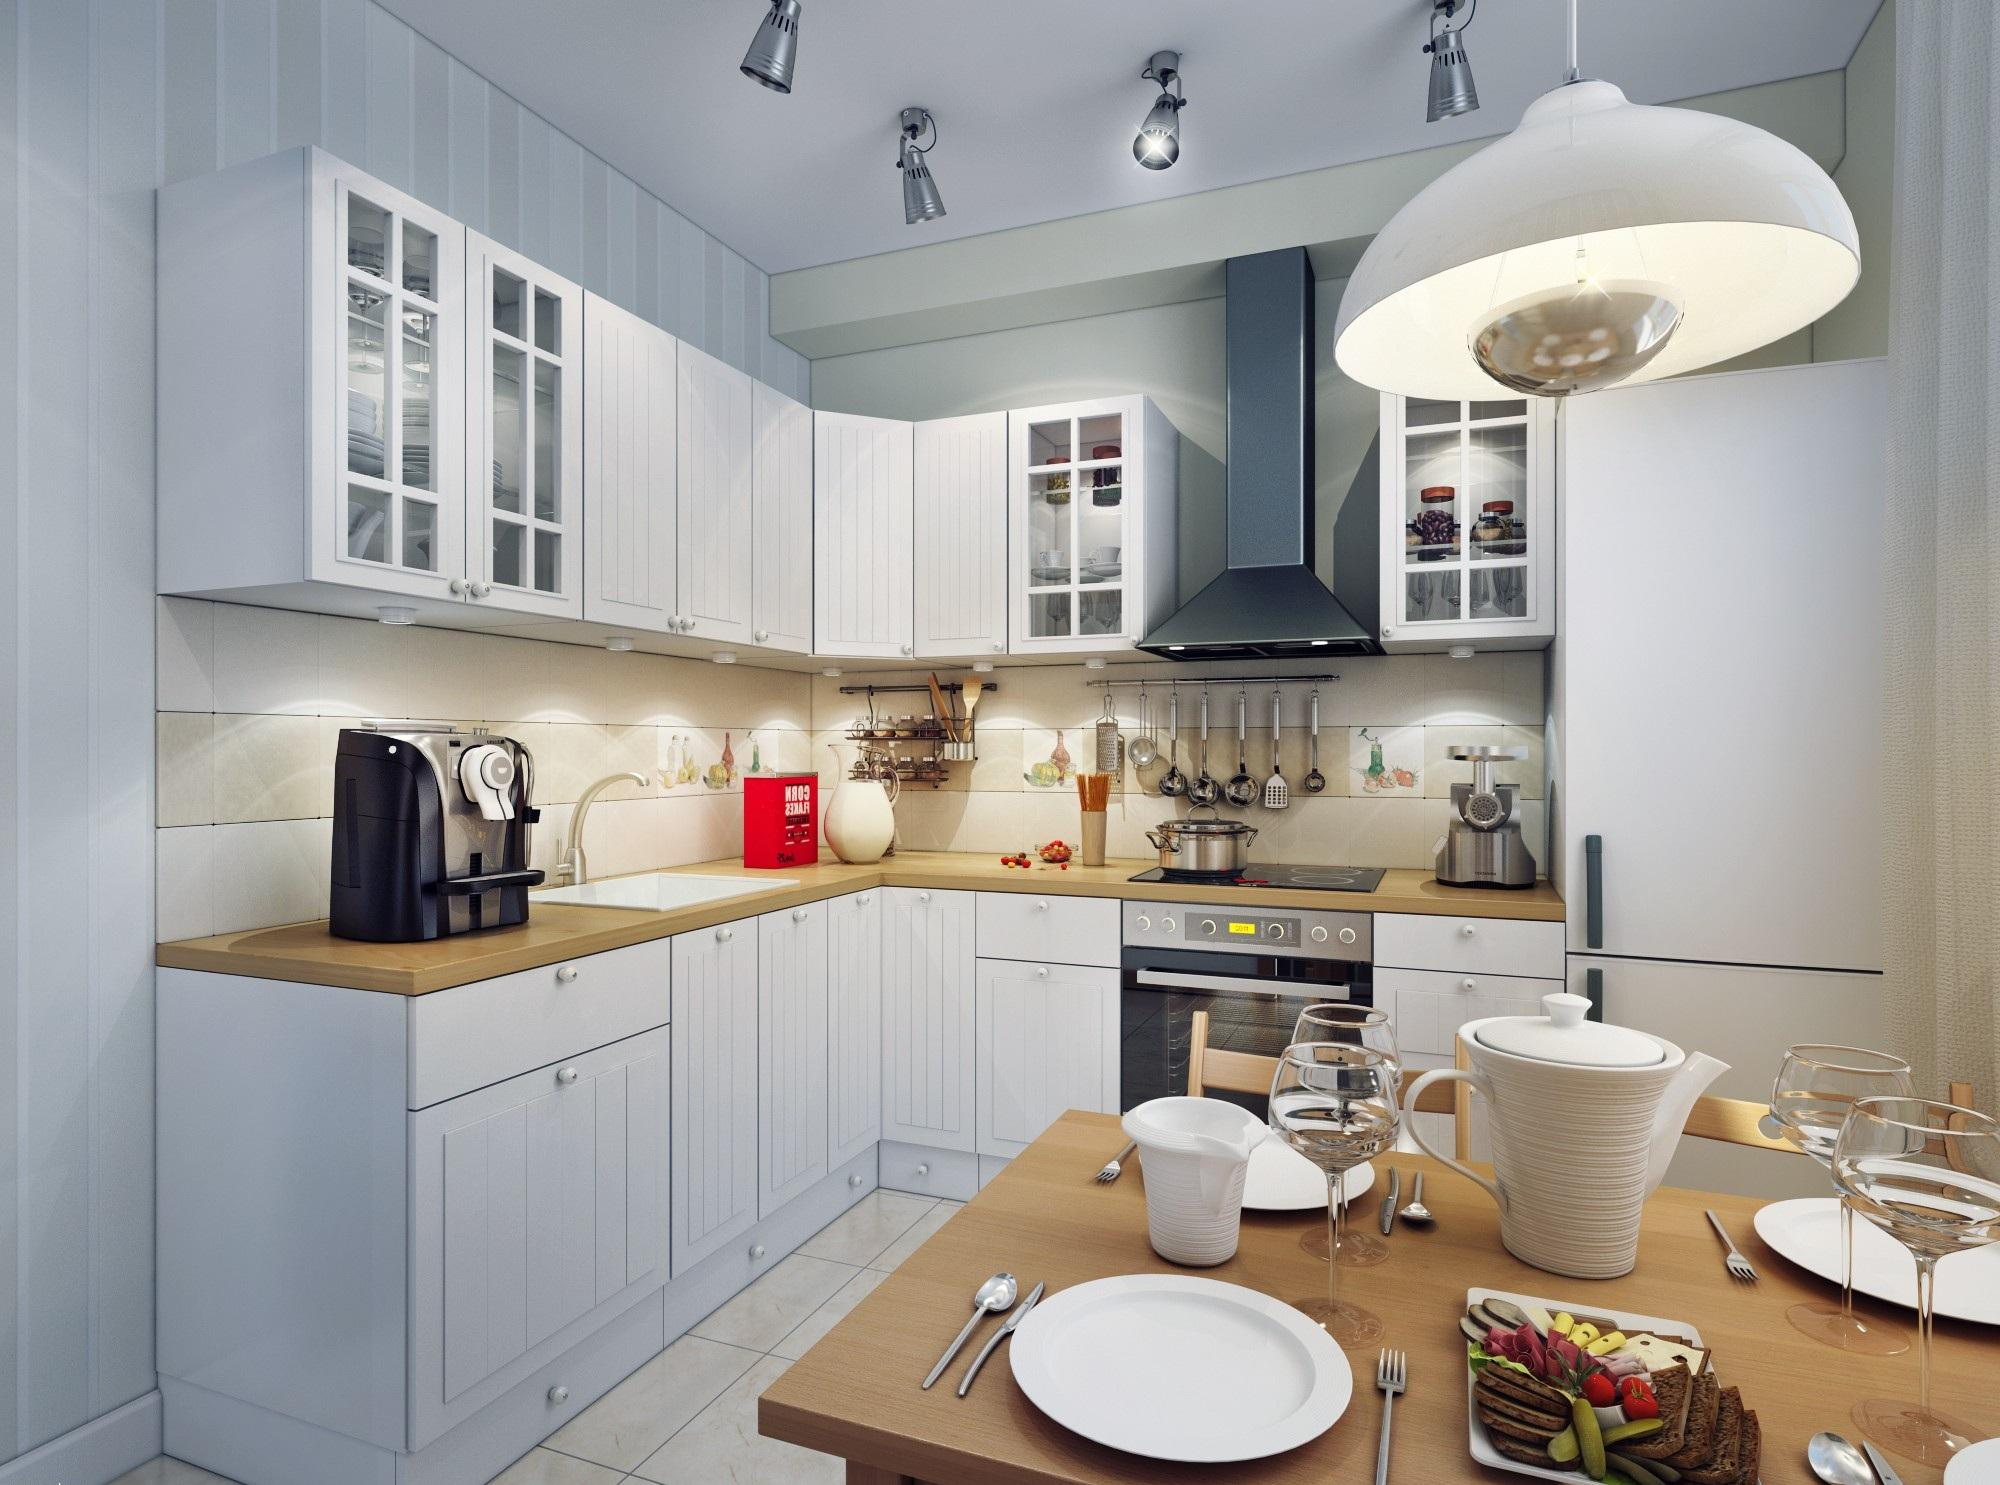 Холодильник в светлой кухне с обеденным столом